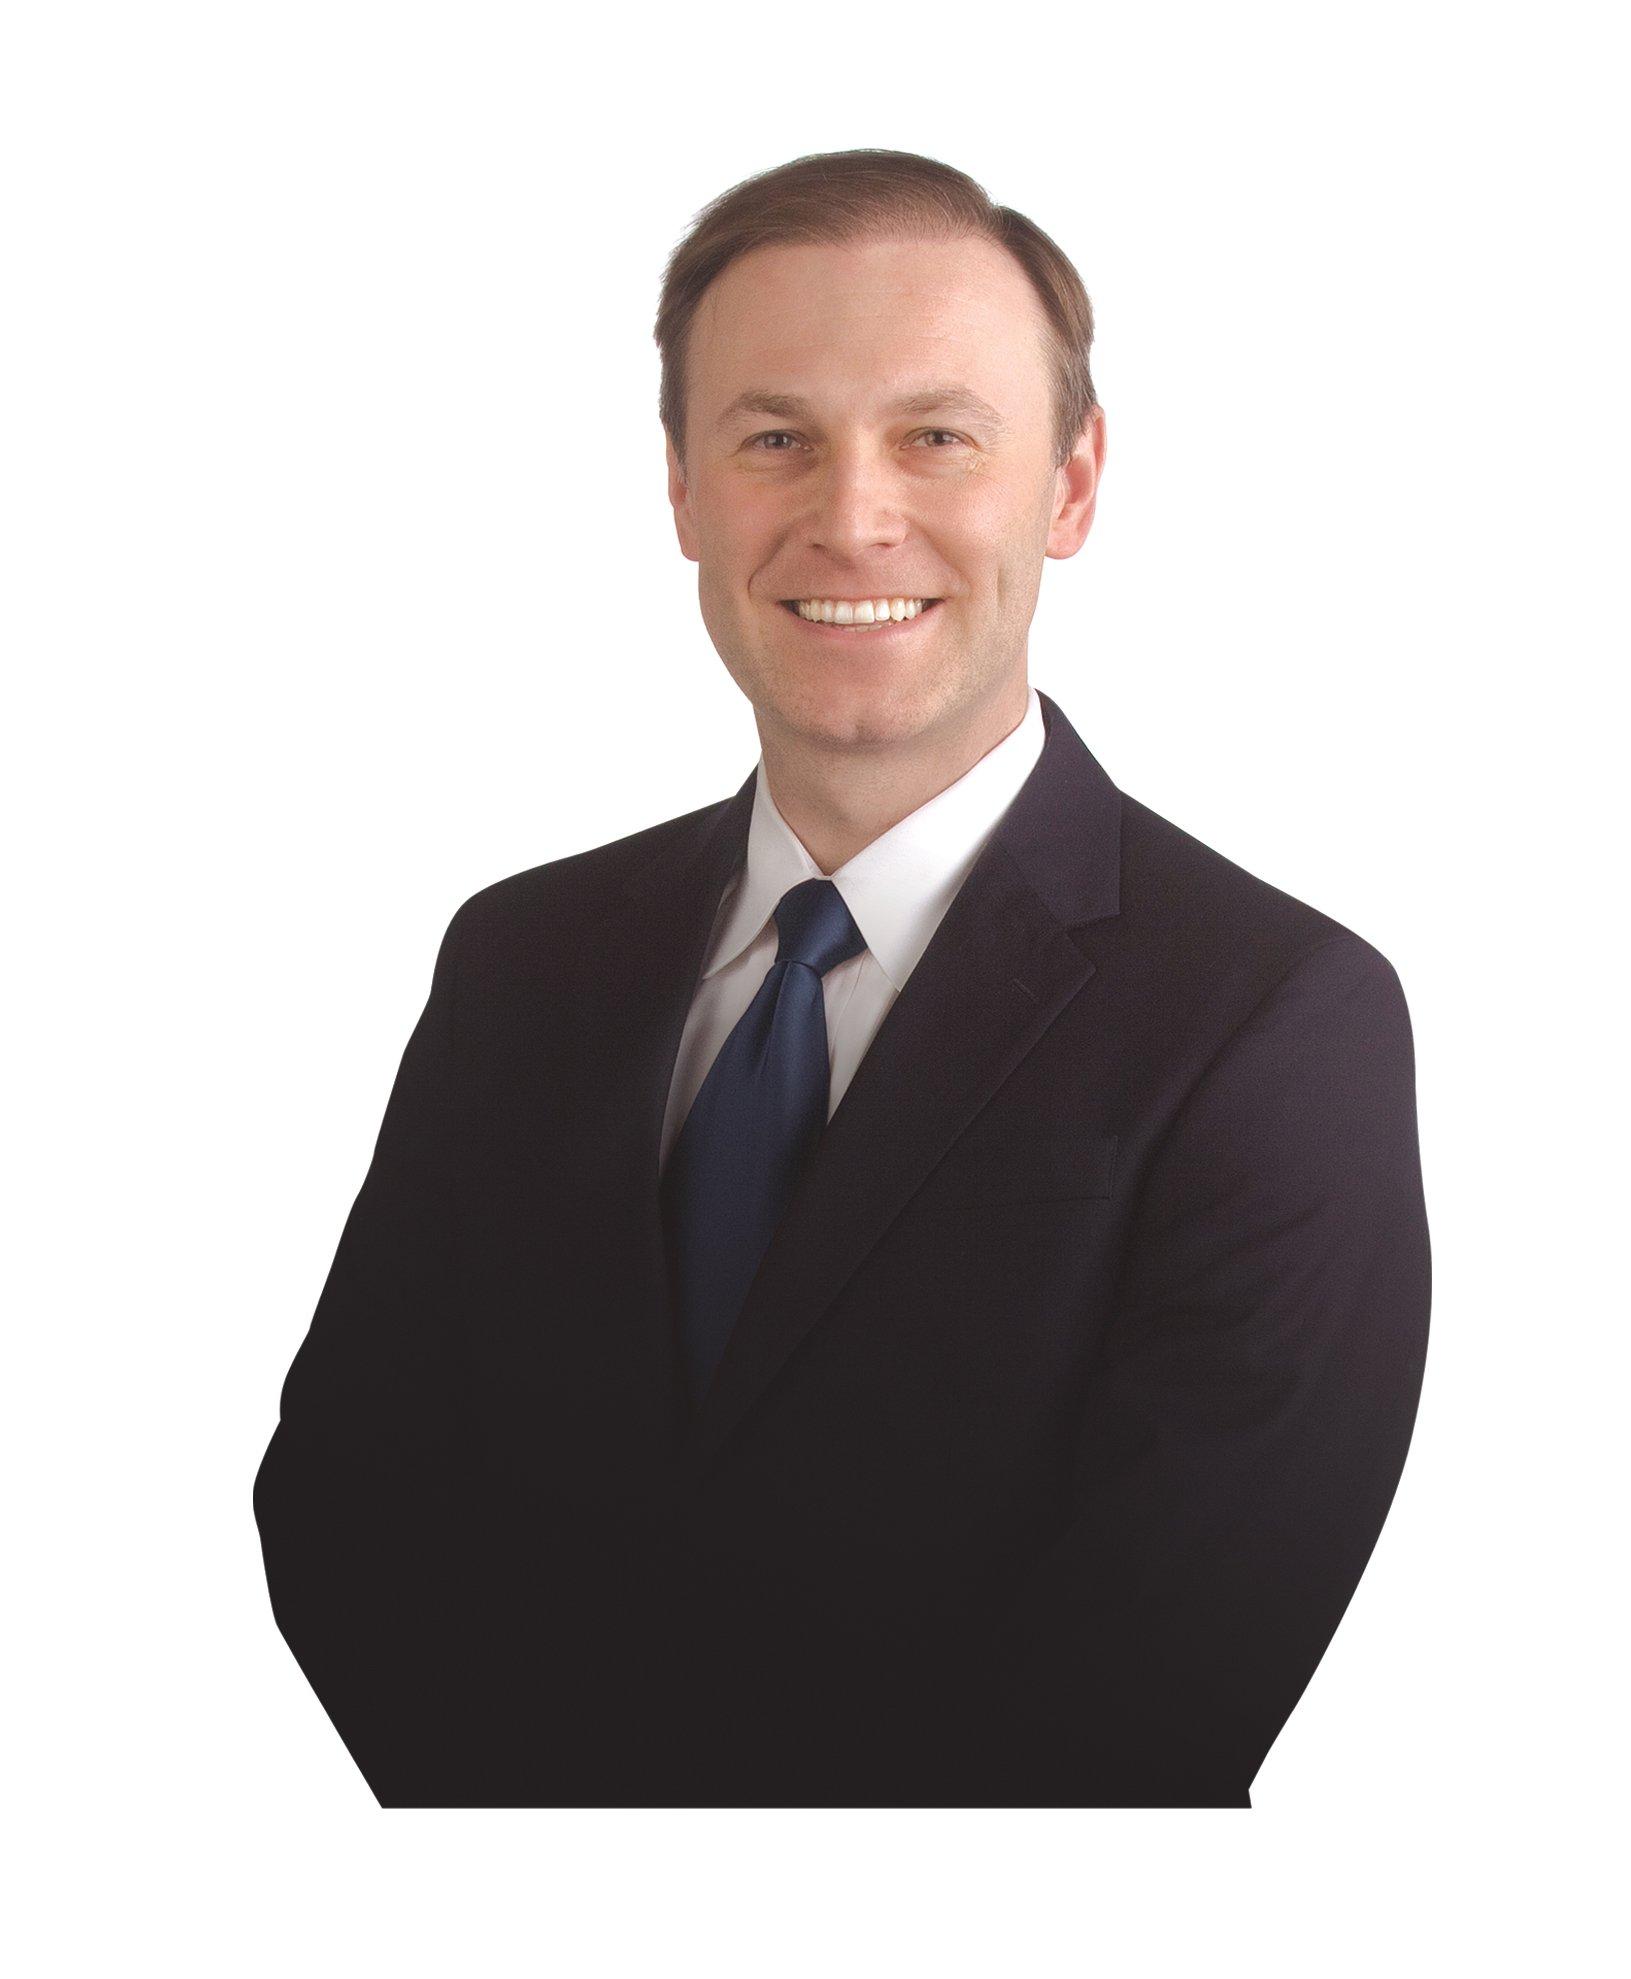 Dr. Zielinski